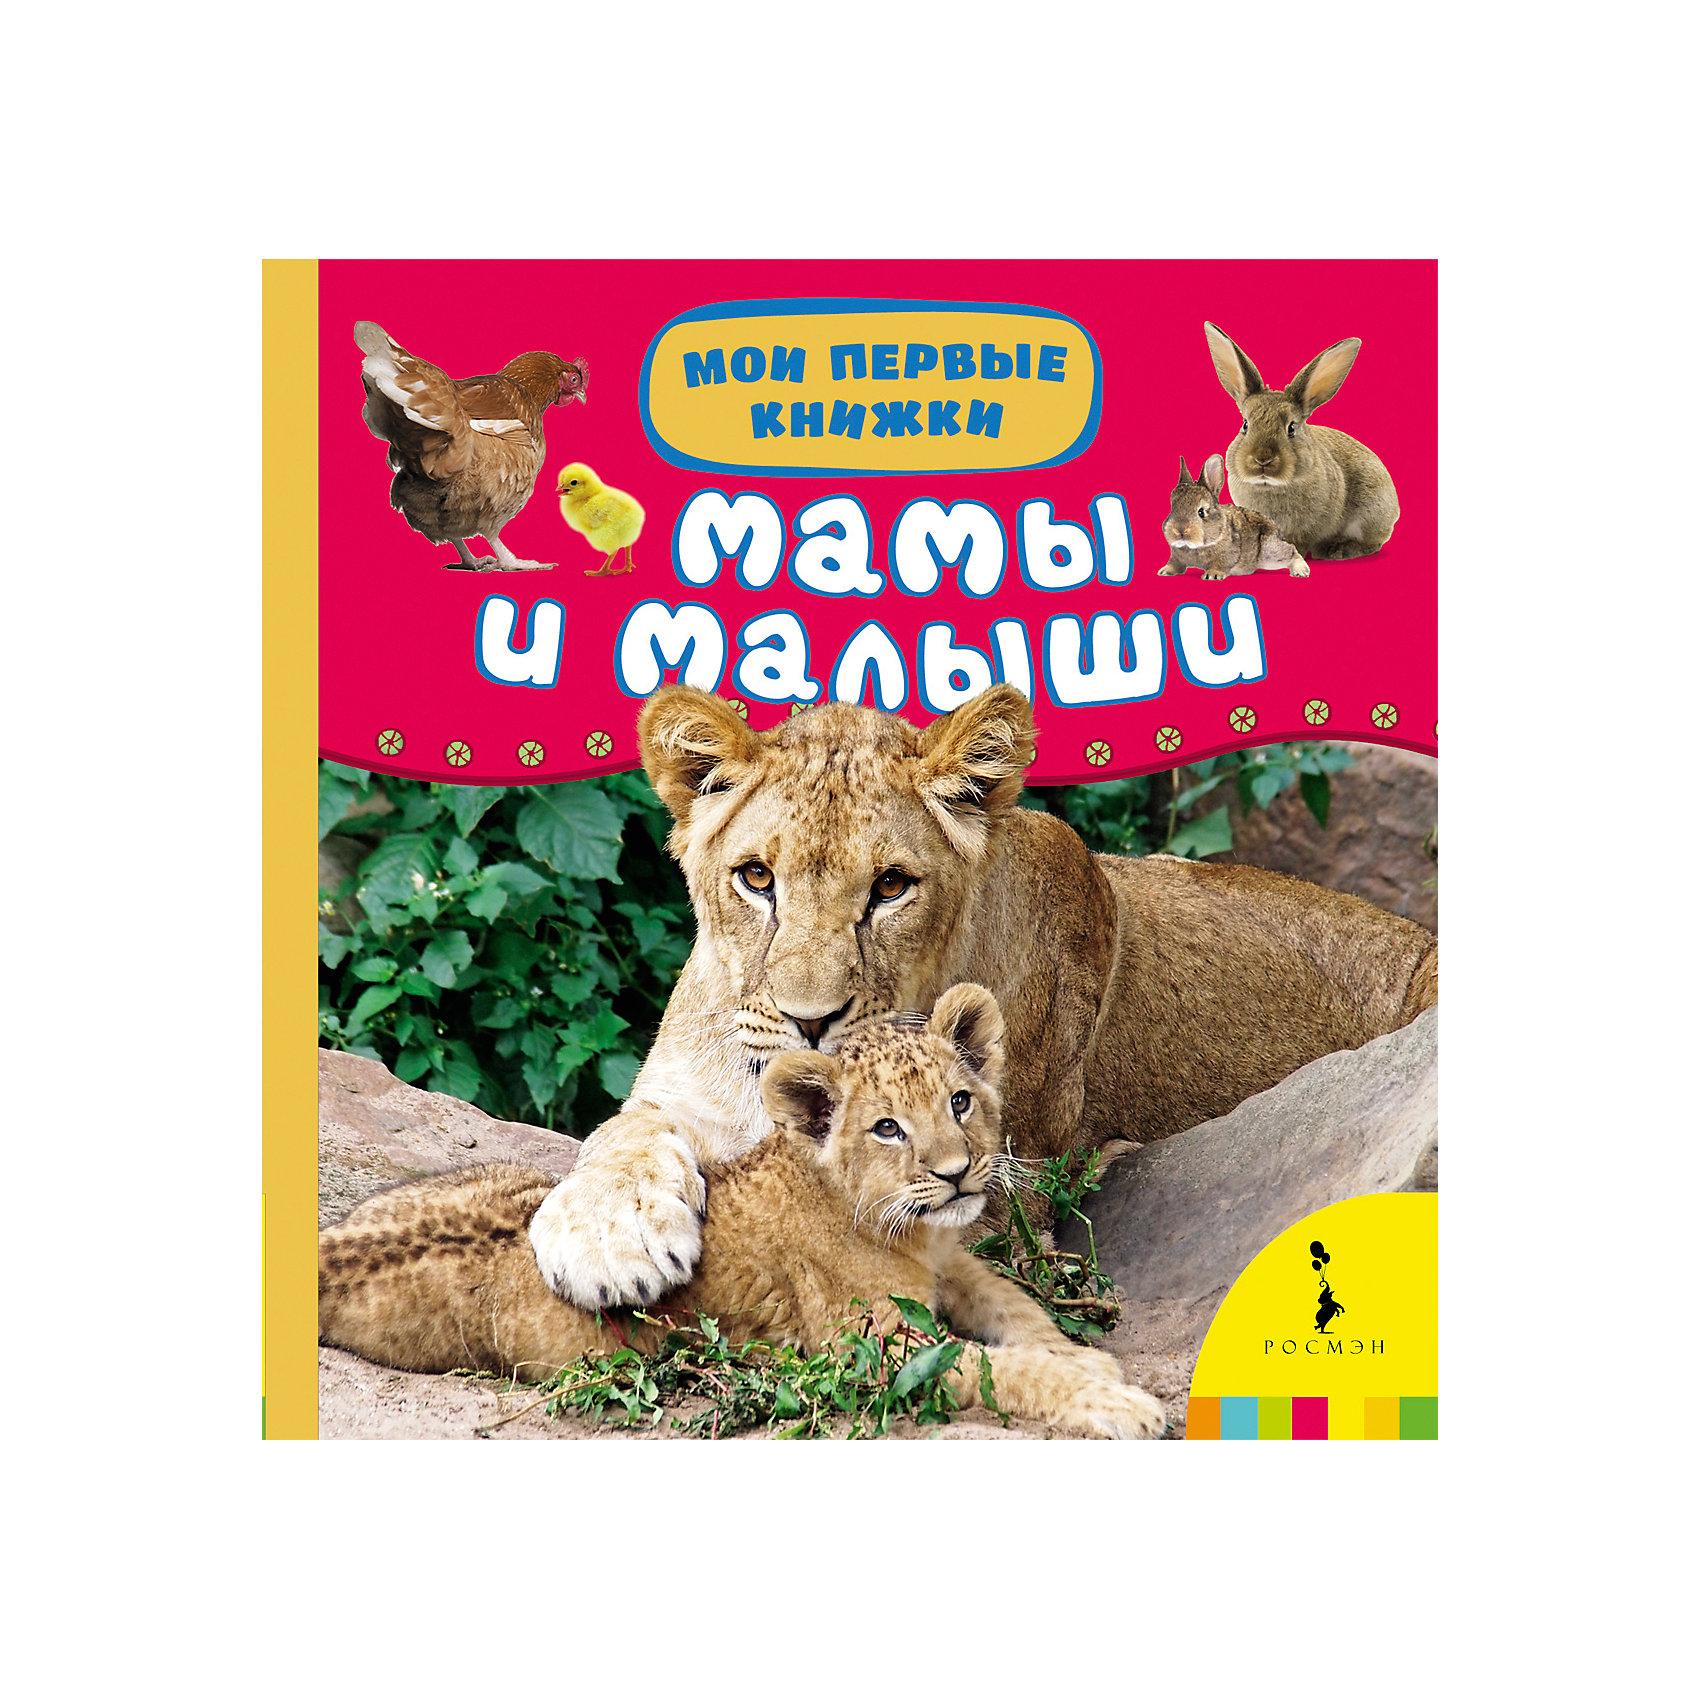 Мамы и малыши (Мои первые книжки)Росмэн<br>Характеристики товара:<br><br>- цвет: разноцветный;<br>- материал: бумага;<br>- страниц: 14;<br>- формат: 17 х 17 см;<br>- обложка: картон;<br>- для чтения детям. <br><br>Издания серии Мои первые книжки - отличный способ занять ребенка! Эта красочная книга станет отличным подарком для родителей и малыша. Она содержит в себе полезную информацию и яркие картинки, которые так любят дети. Отличный способ привить малышу любовь к чтению и начать обучение!<br>Чтение и рассматривание картинок даже в юном возрасте помогает ребенку развивать память, концентрацию внимания и воображение. Издание произведено из качественных материалов, которые безопасны даже для самых маленьких.<br><br>Издание Мамы и малыши (Мои первые книжки) от компании Росмэн можно купить в нашем интернет-магазине.<br><br>Ширина мм: 165<br>Глубина мм: 165<br>Высота мм: 20<br>Вес г: 342<br>Возраст от месяцев: 0<br>Возраст до месяцев: 36<br>Пол: Унисекс<br>Возраст: Детский<br>SKU: 5110086